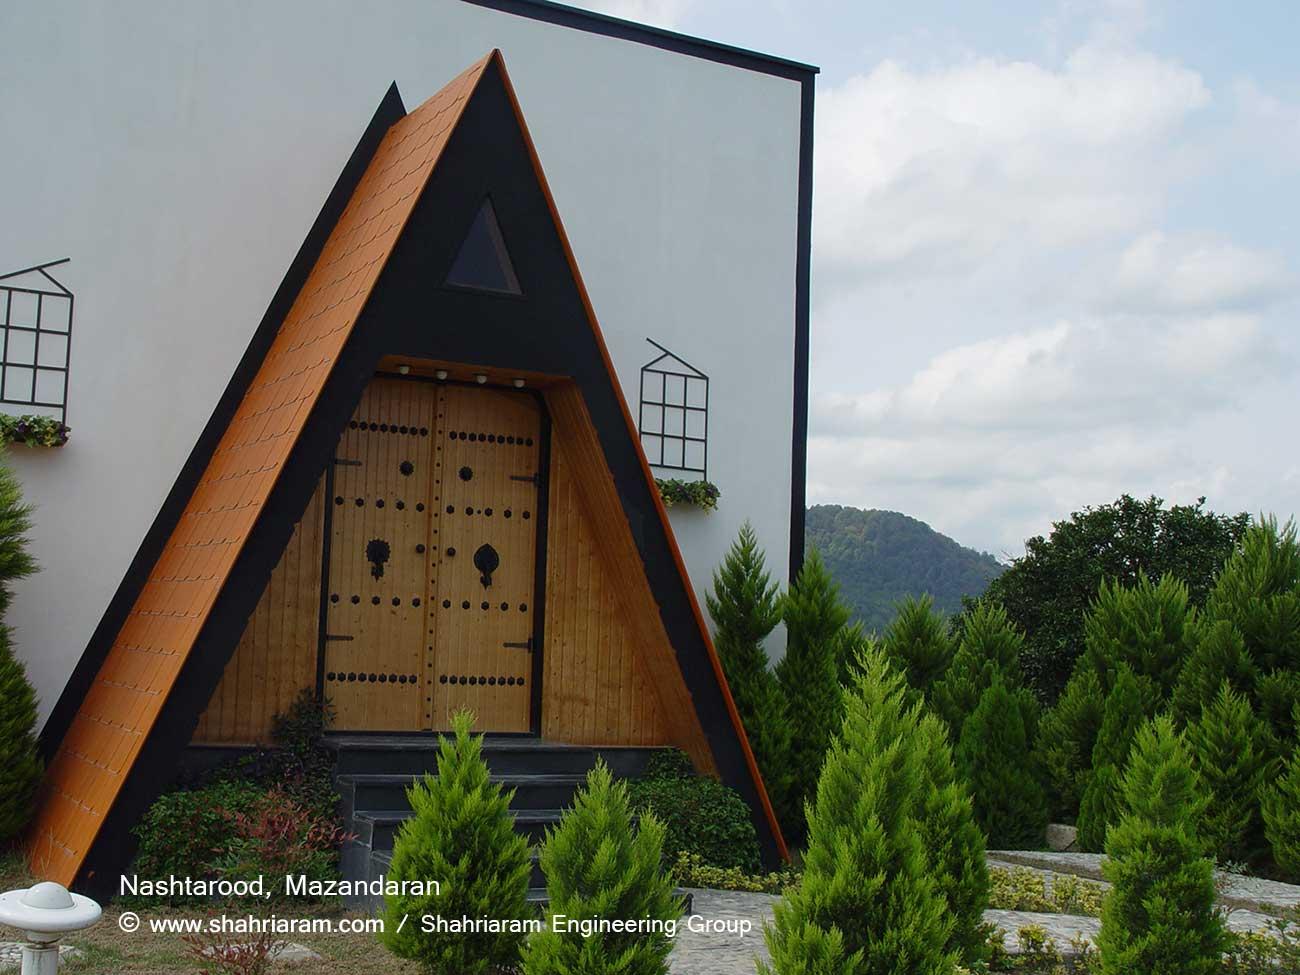 مازندران نشتارود ویلا کوهپایه